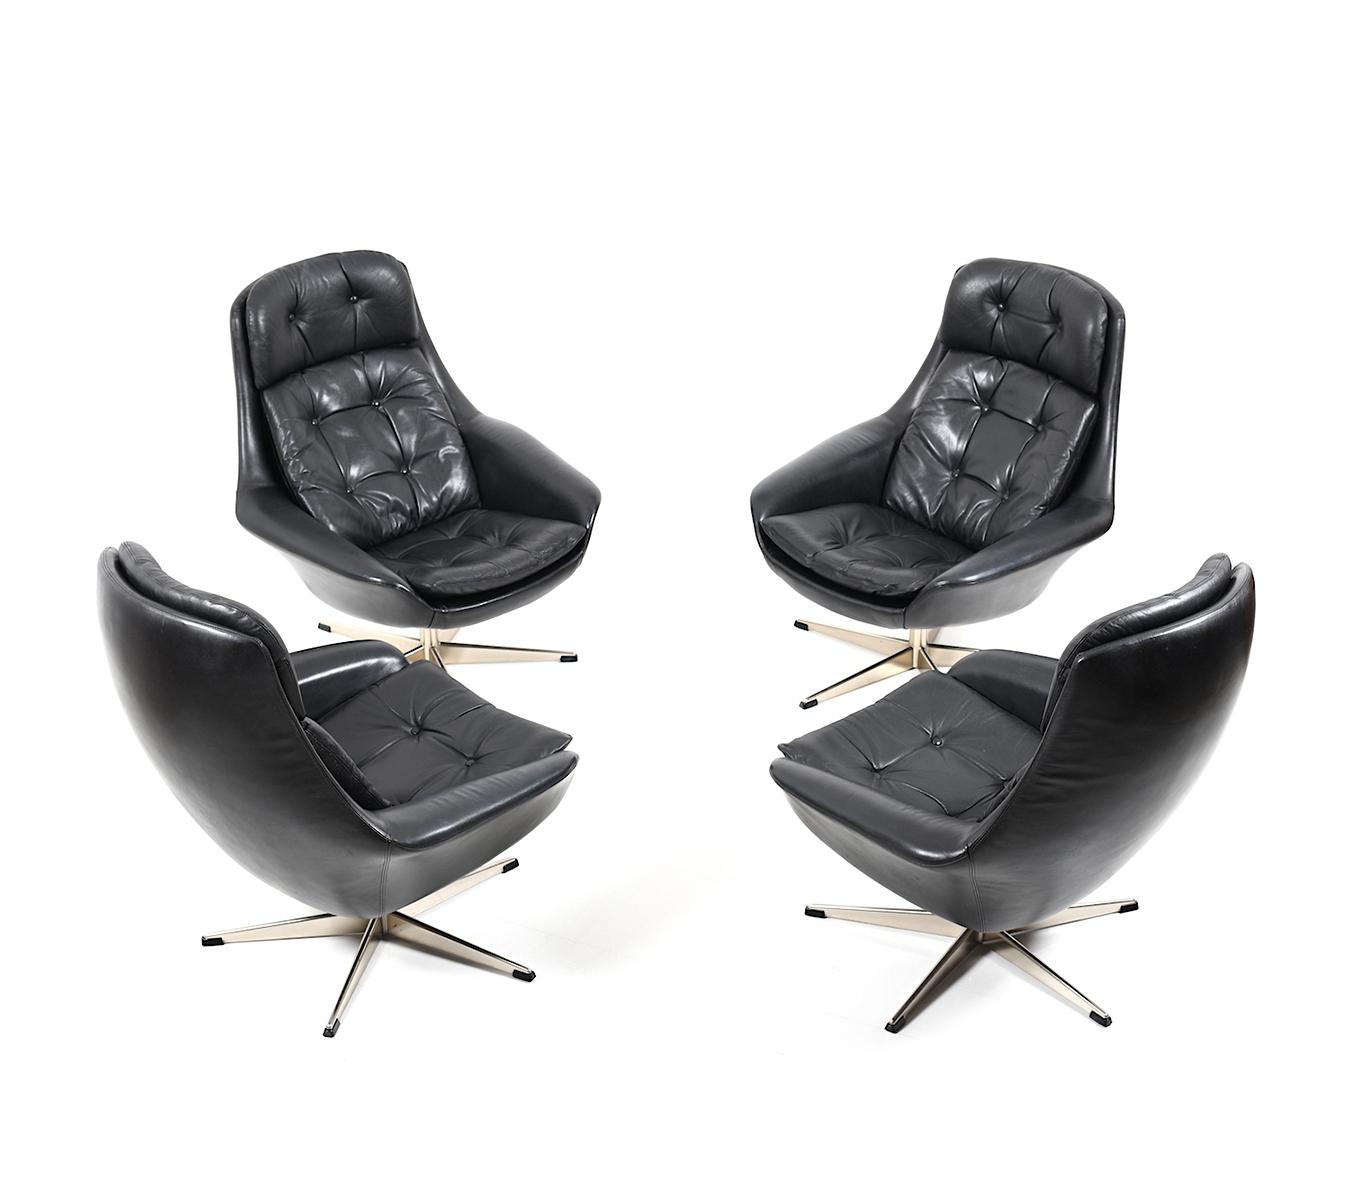 Full Size of Set Of Four Danish Black Leather Swivel Lounge Chair By H W Kleine Bäder Mit Dusche Kleines Bad Planen Regal Weiß Garten Loungemöbel Holz Einbauküche Wohnzimmer Lounge Set Klein